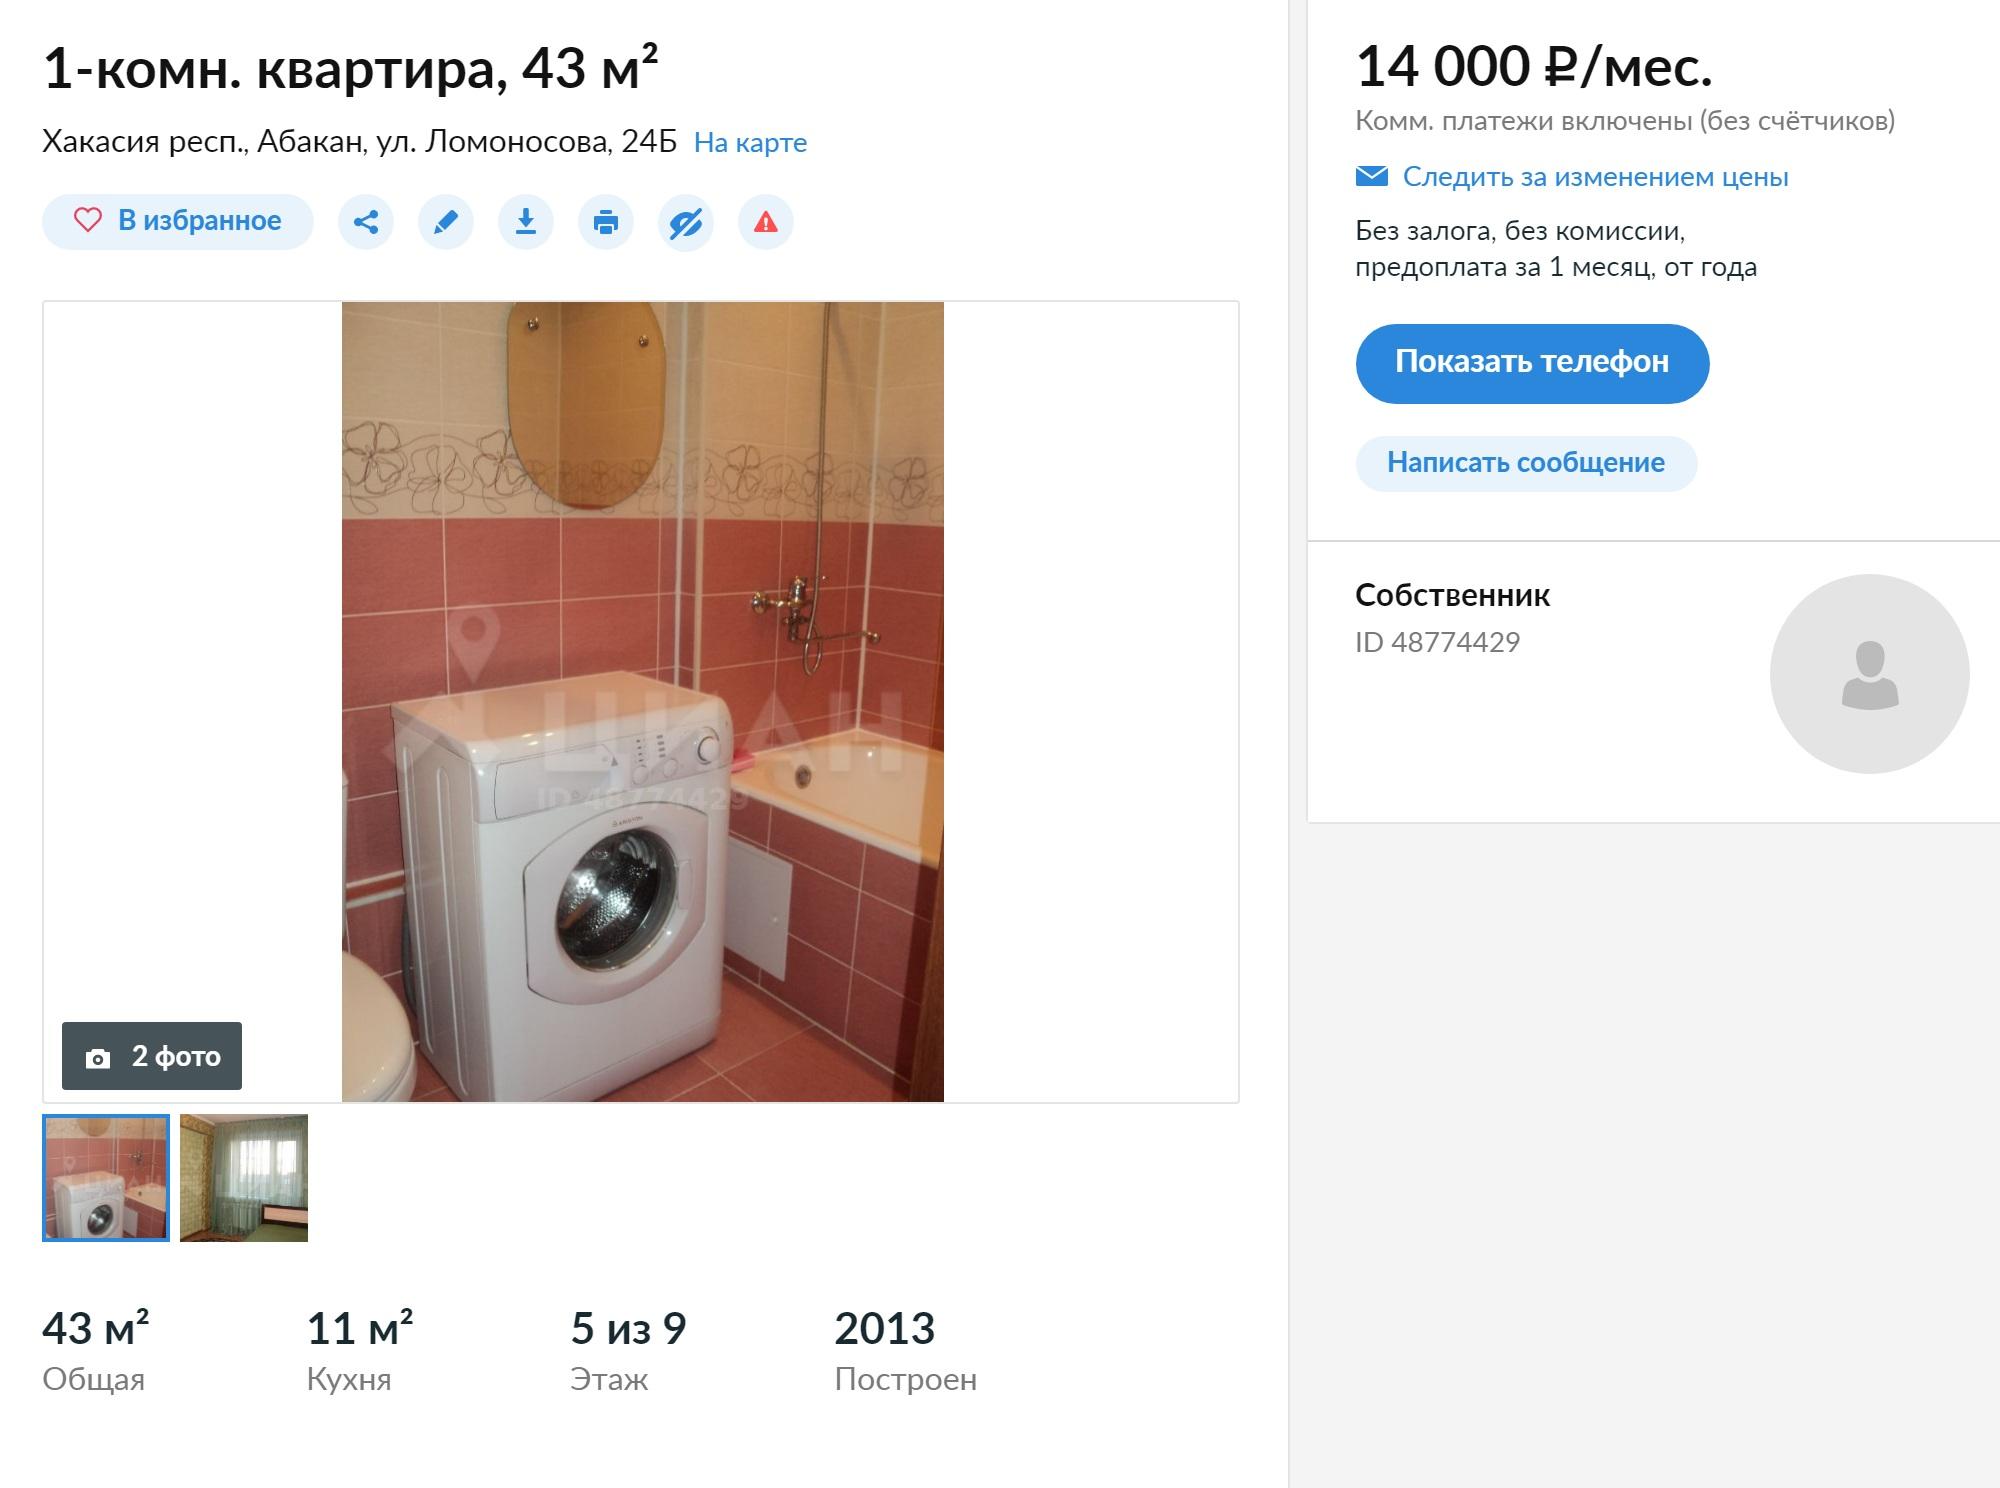 Аренда однокомнатной квартиры с мебелью и бытовой техникой обойдется в 14 тысяч рублей. Источник: «Циан»